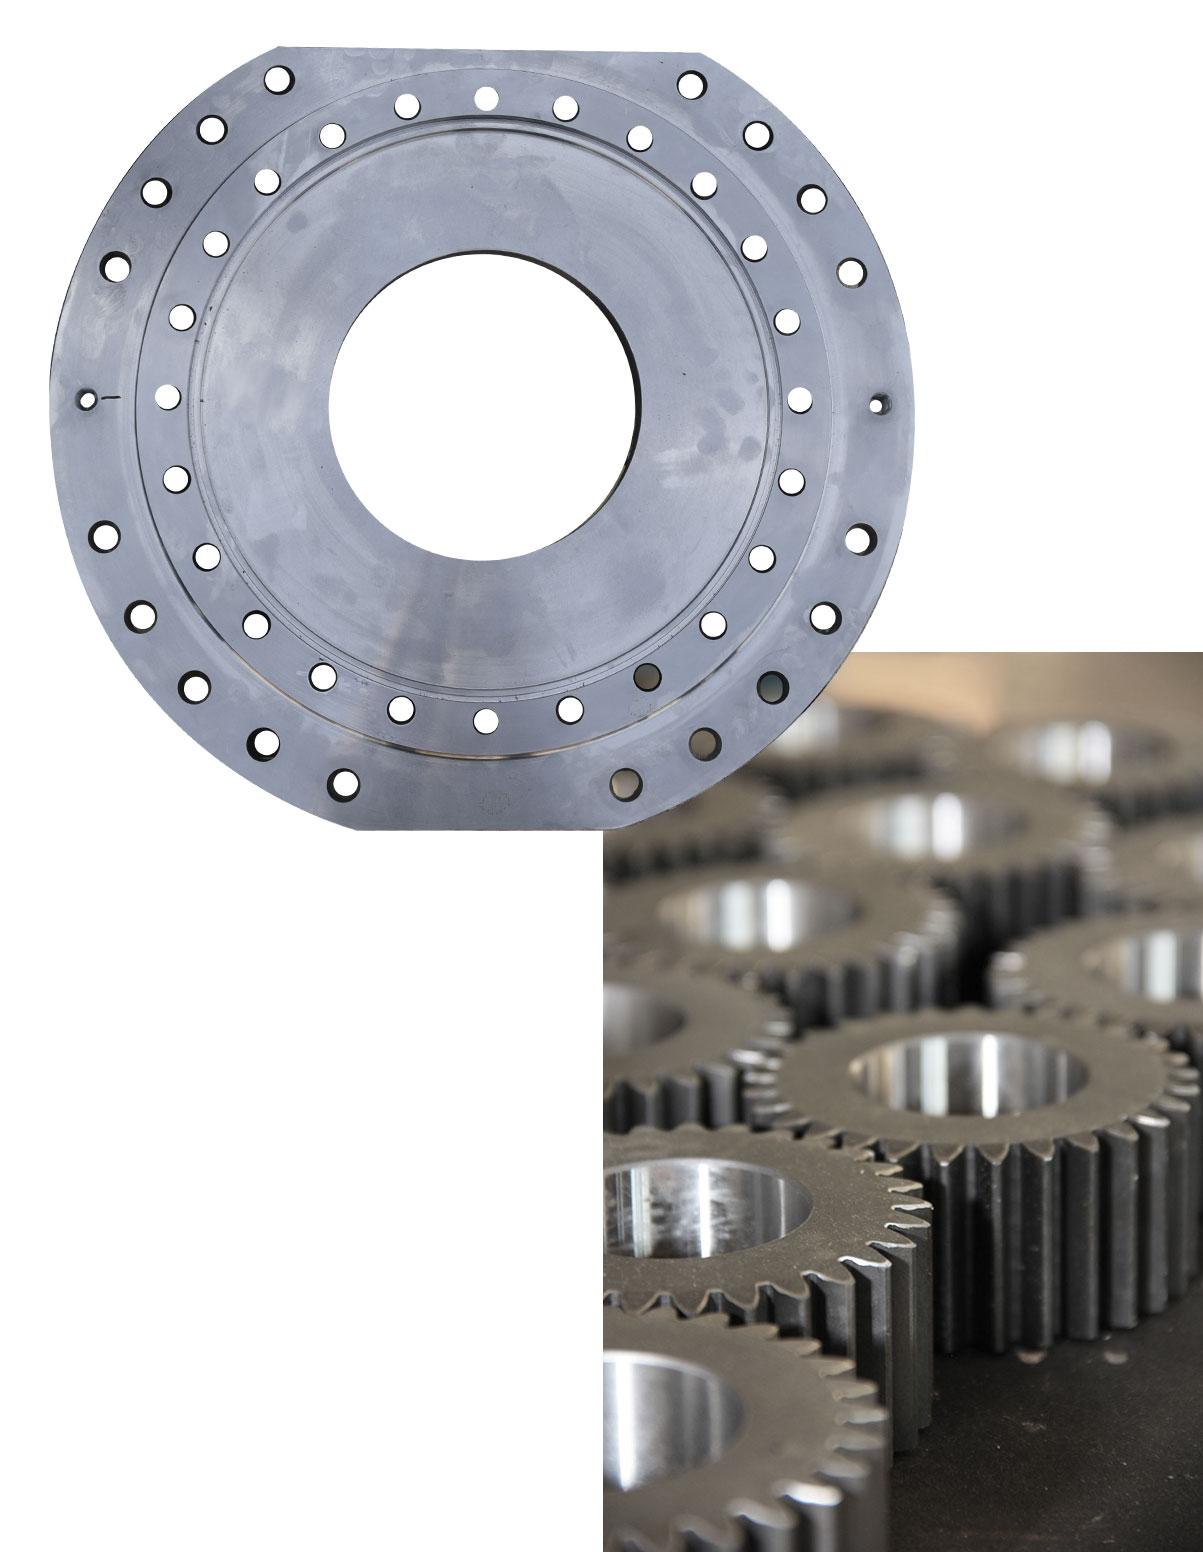 lavorazione-meccanica-comesa-enginerering-ingegneria-meccanica